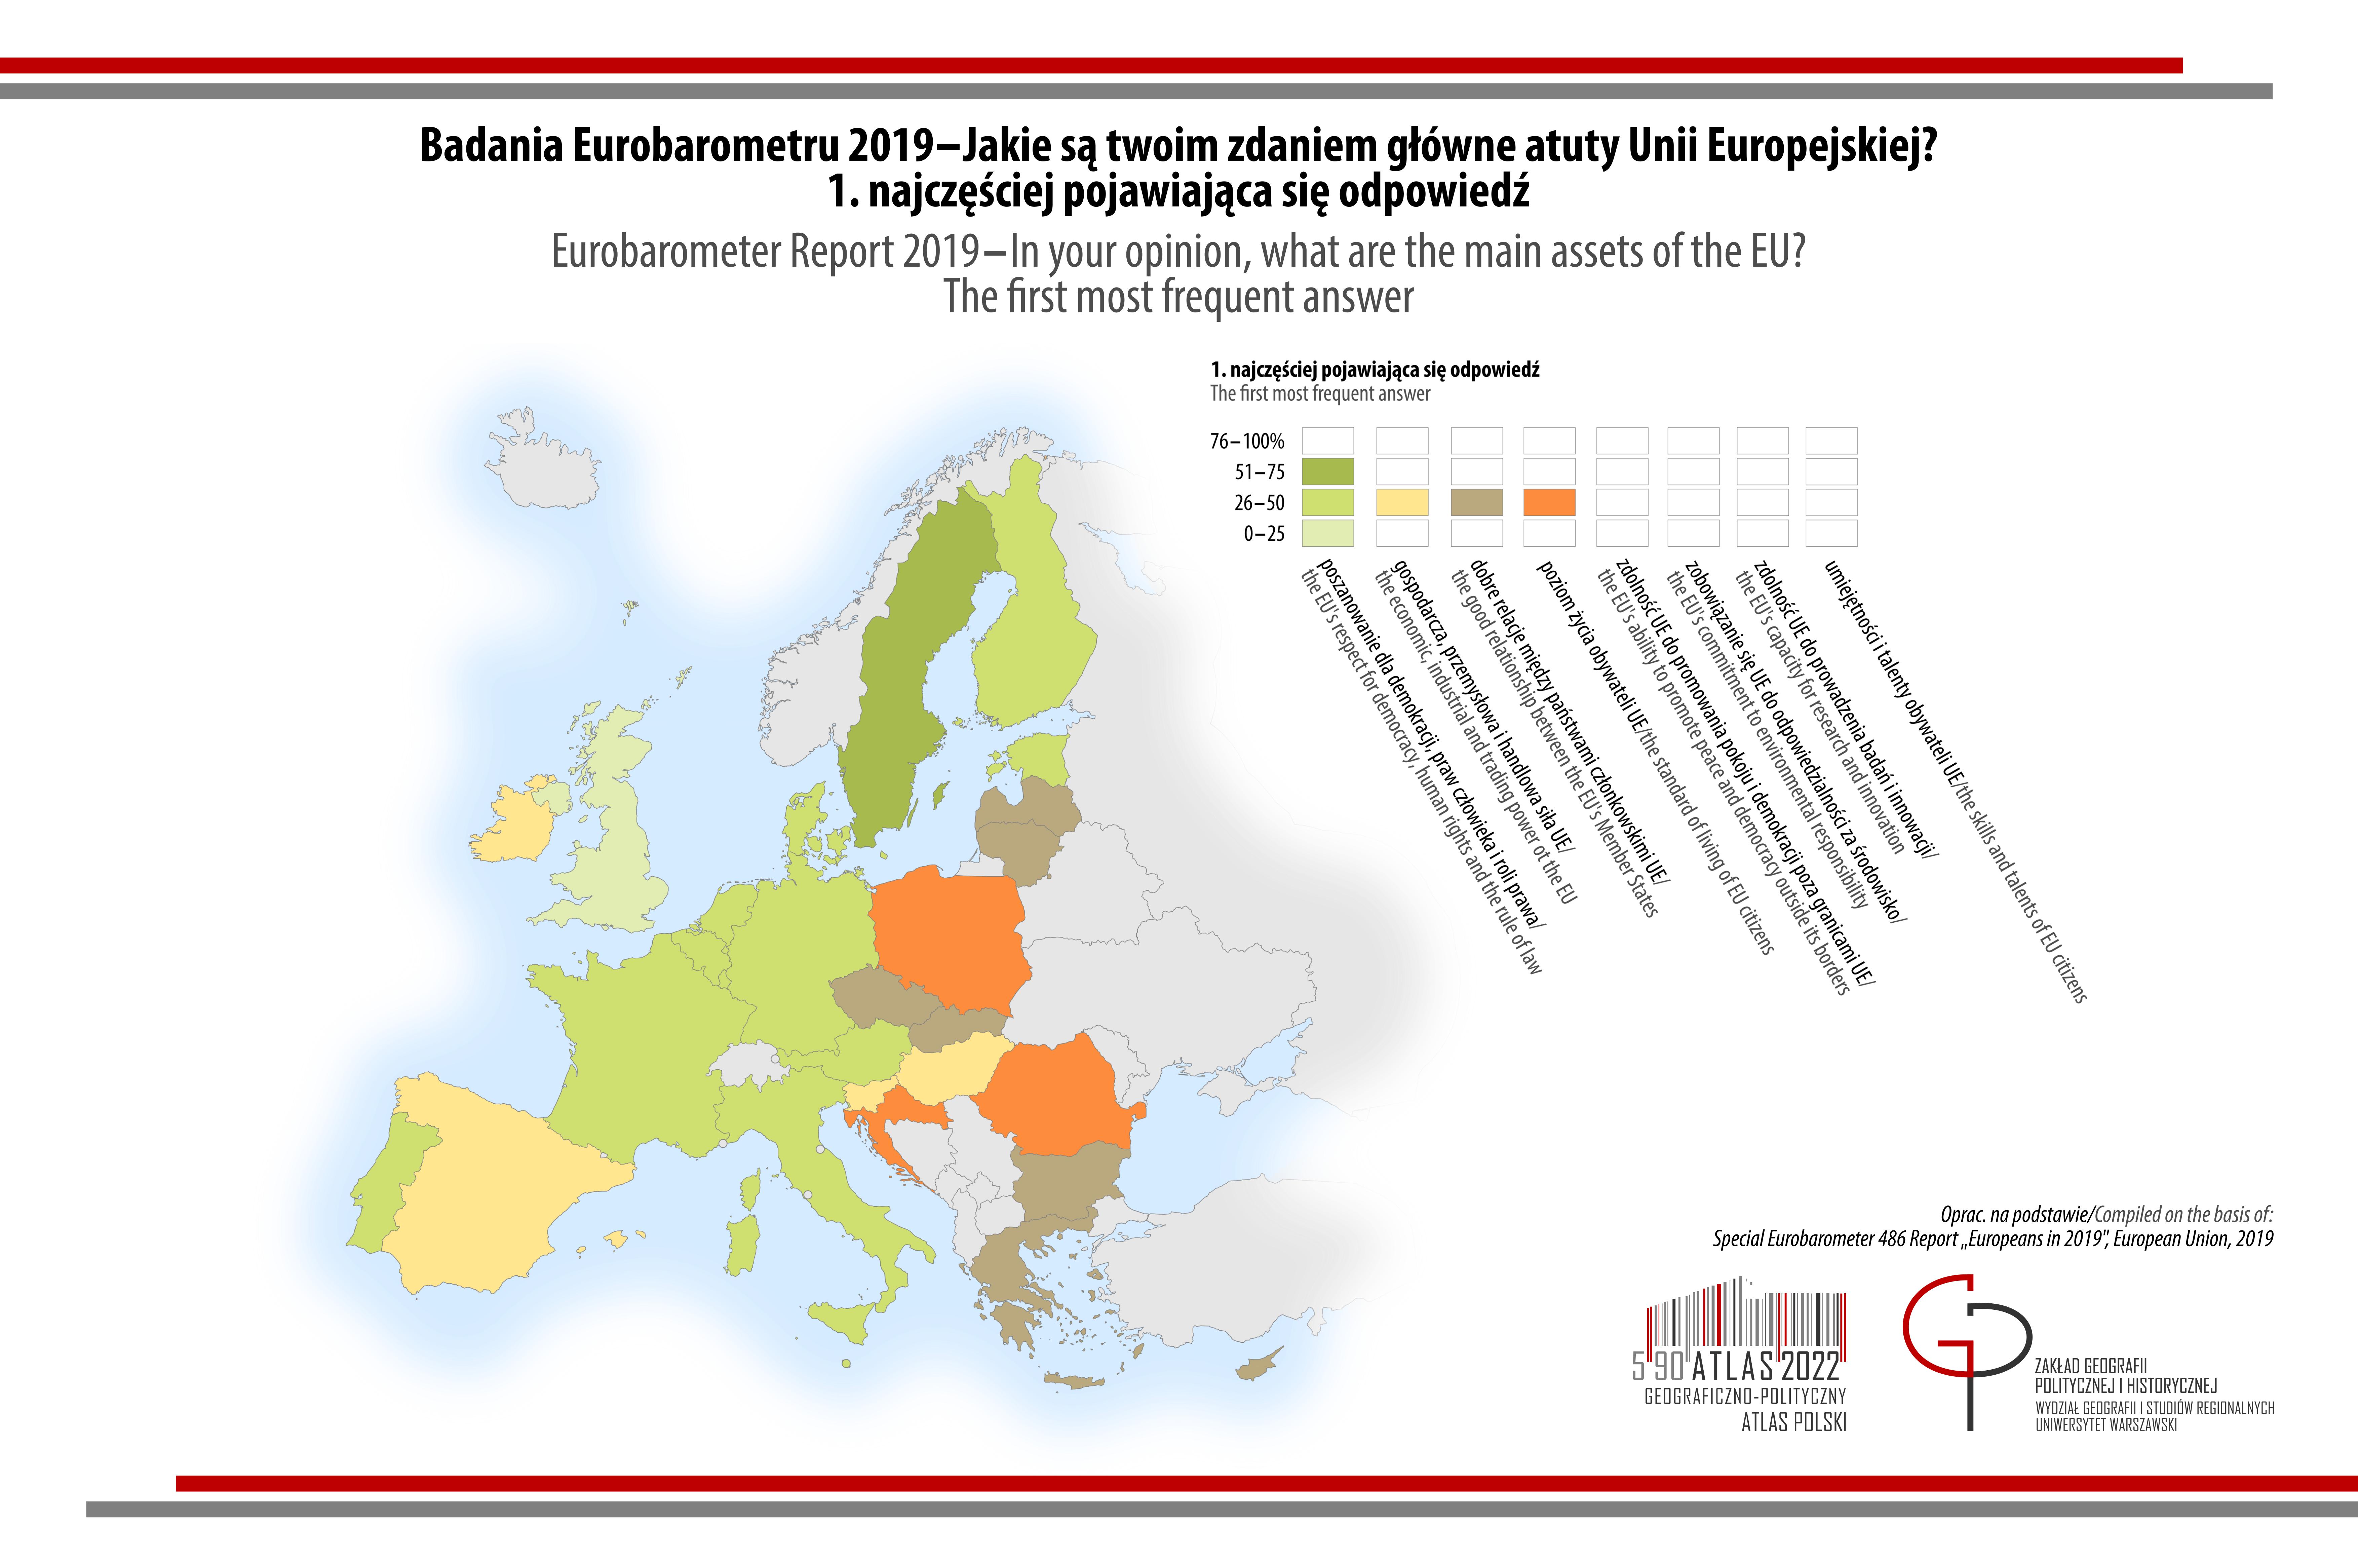 MAPA TYGODNIA: Eurobarometr - Jakie są Twoim zdaniem główne atuty Unii Europejskiej? Pierwsza najczęściej pojawiająca się odpowiedź.